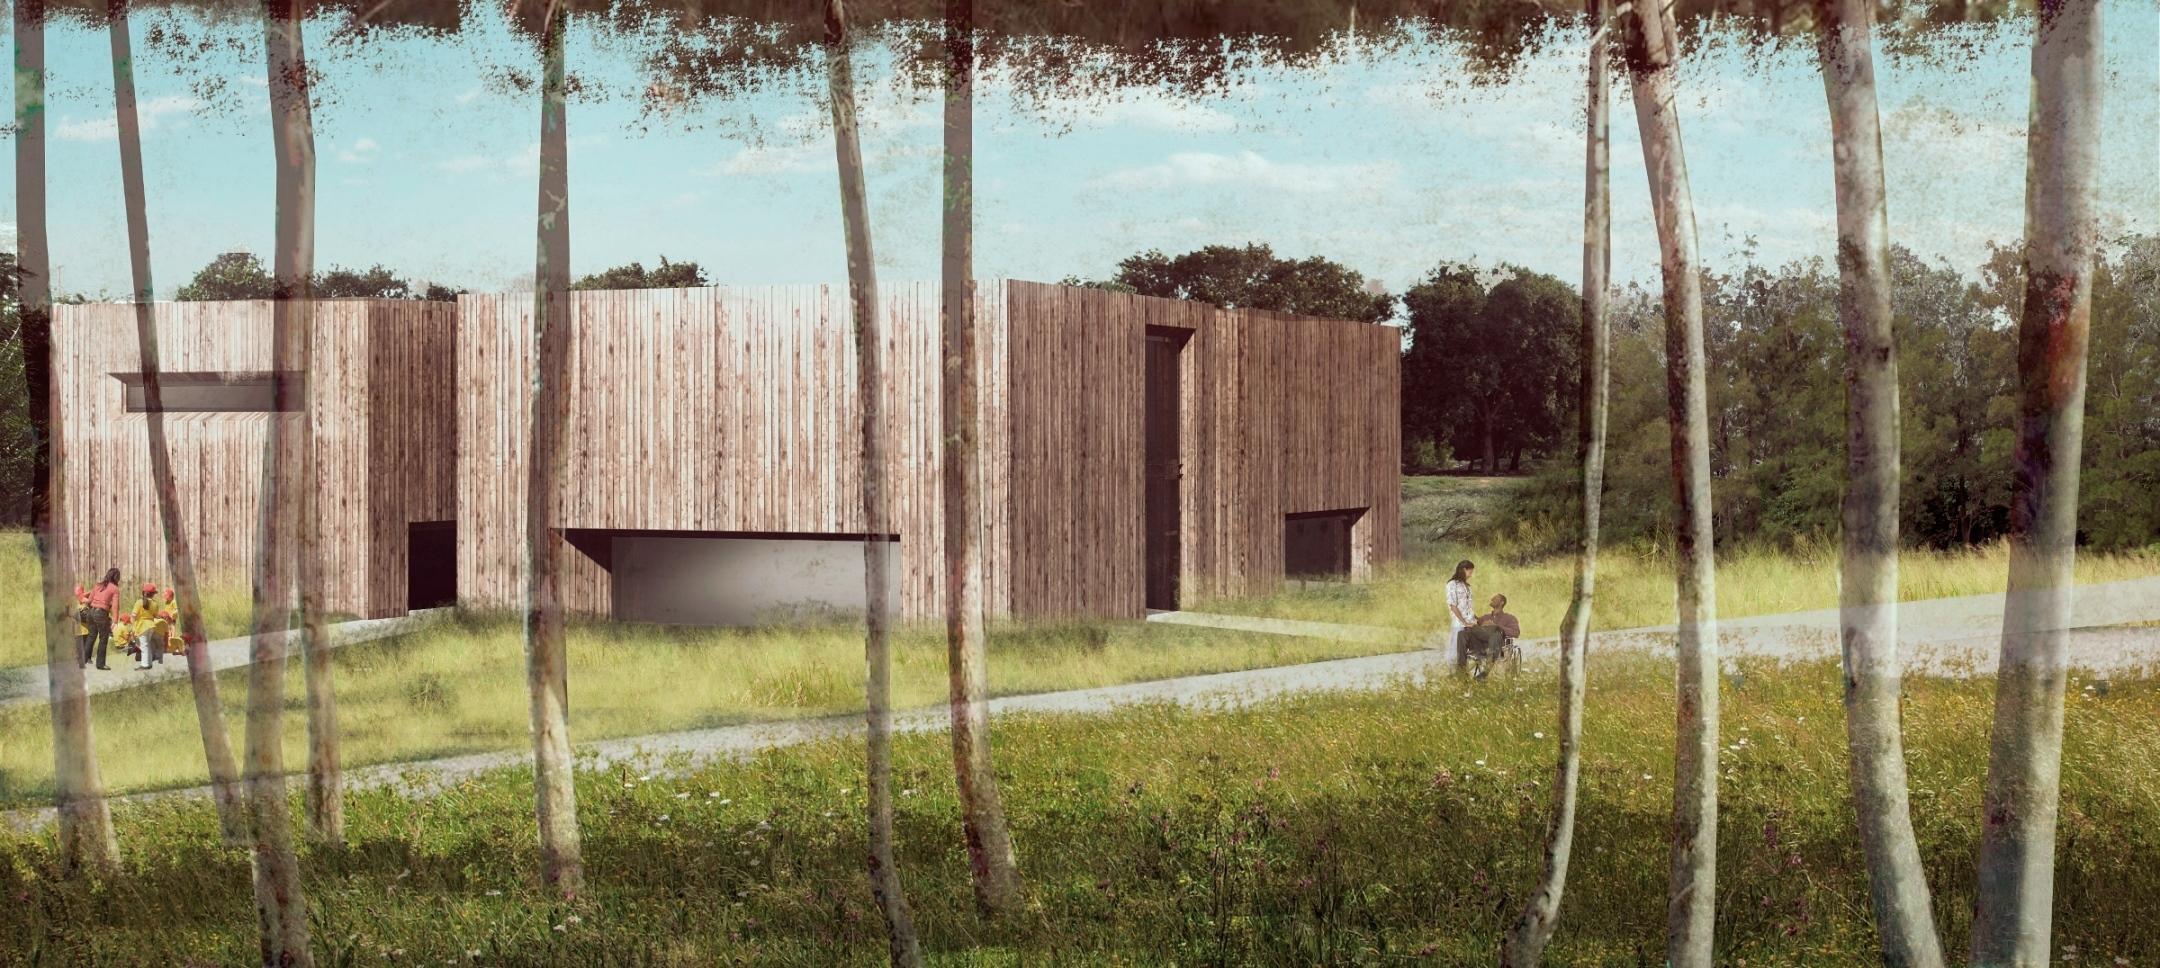 Parque da Floresta da Ilha Forest park of island Sérgio Pinto Arquitetura Paisagista e Desenho Urbano Landscape Architecture & Urban Design